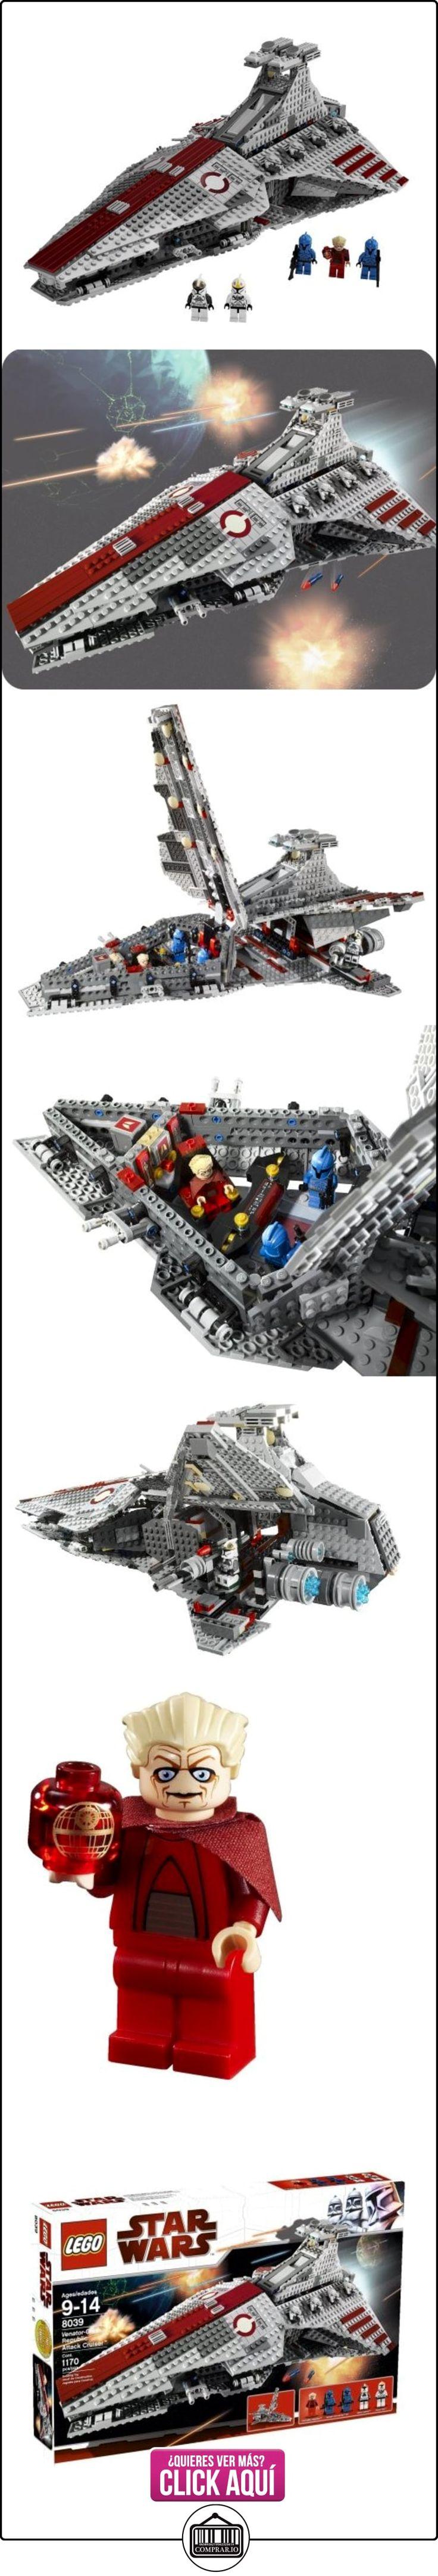 LEGO Star Wars 8039 - Venator-class Republic Attack Cruiser™ (ref. 4534741)  ✿ Lego - el surtido más amplio ✿ ▬► Ver oferta: https://comprar.io/goto/B001V7RH2A